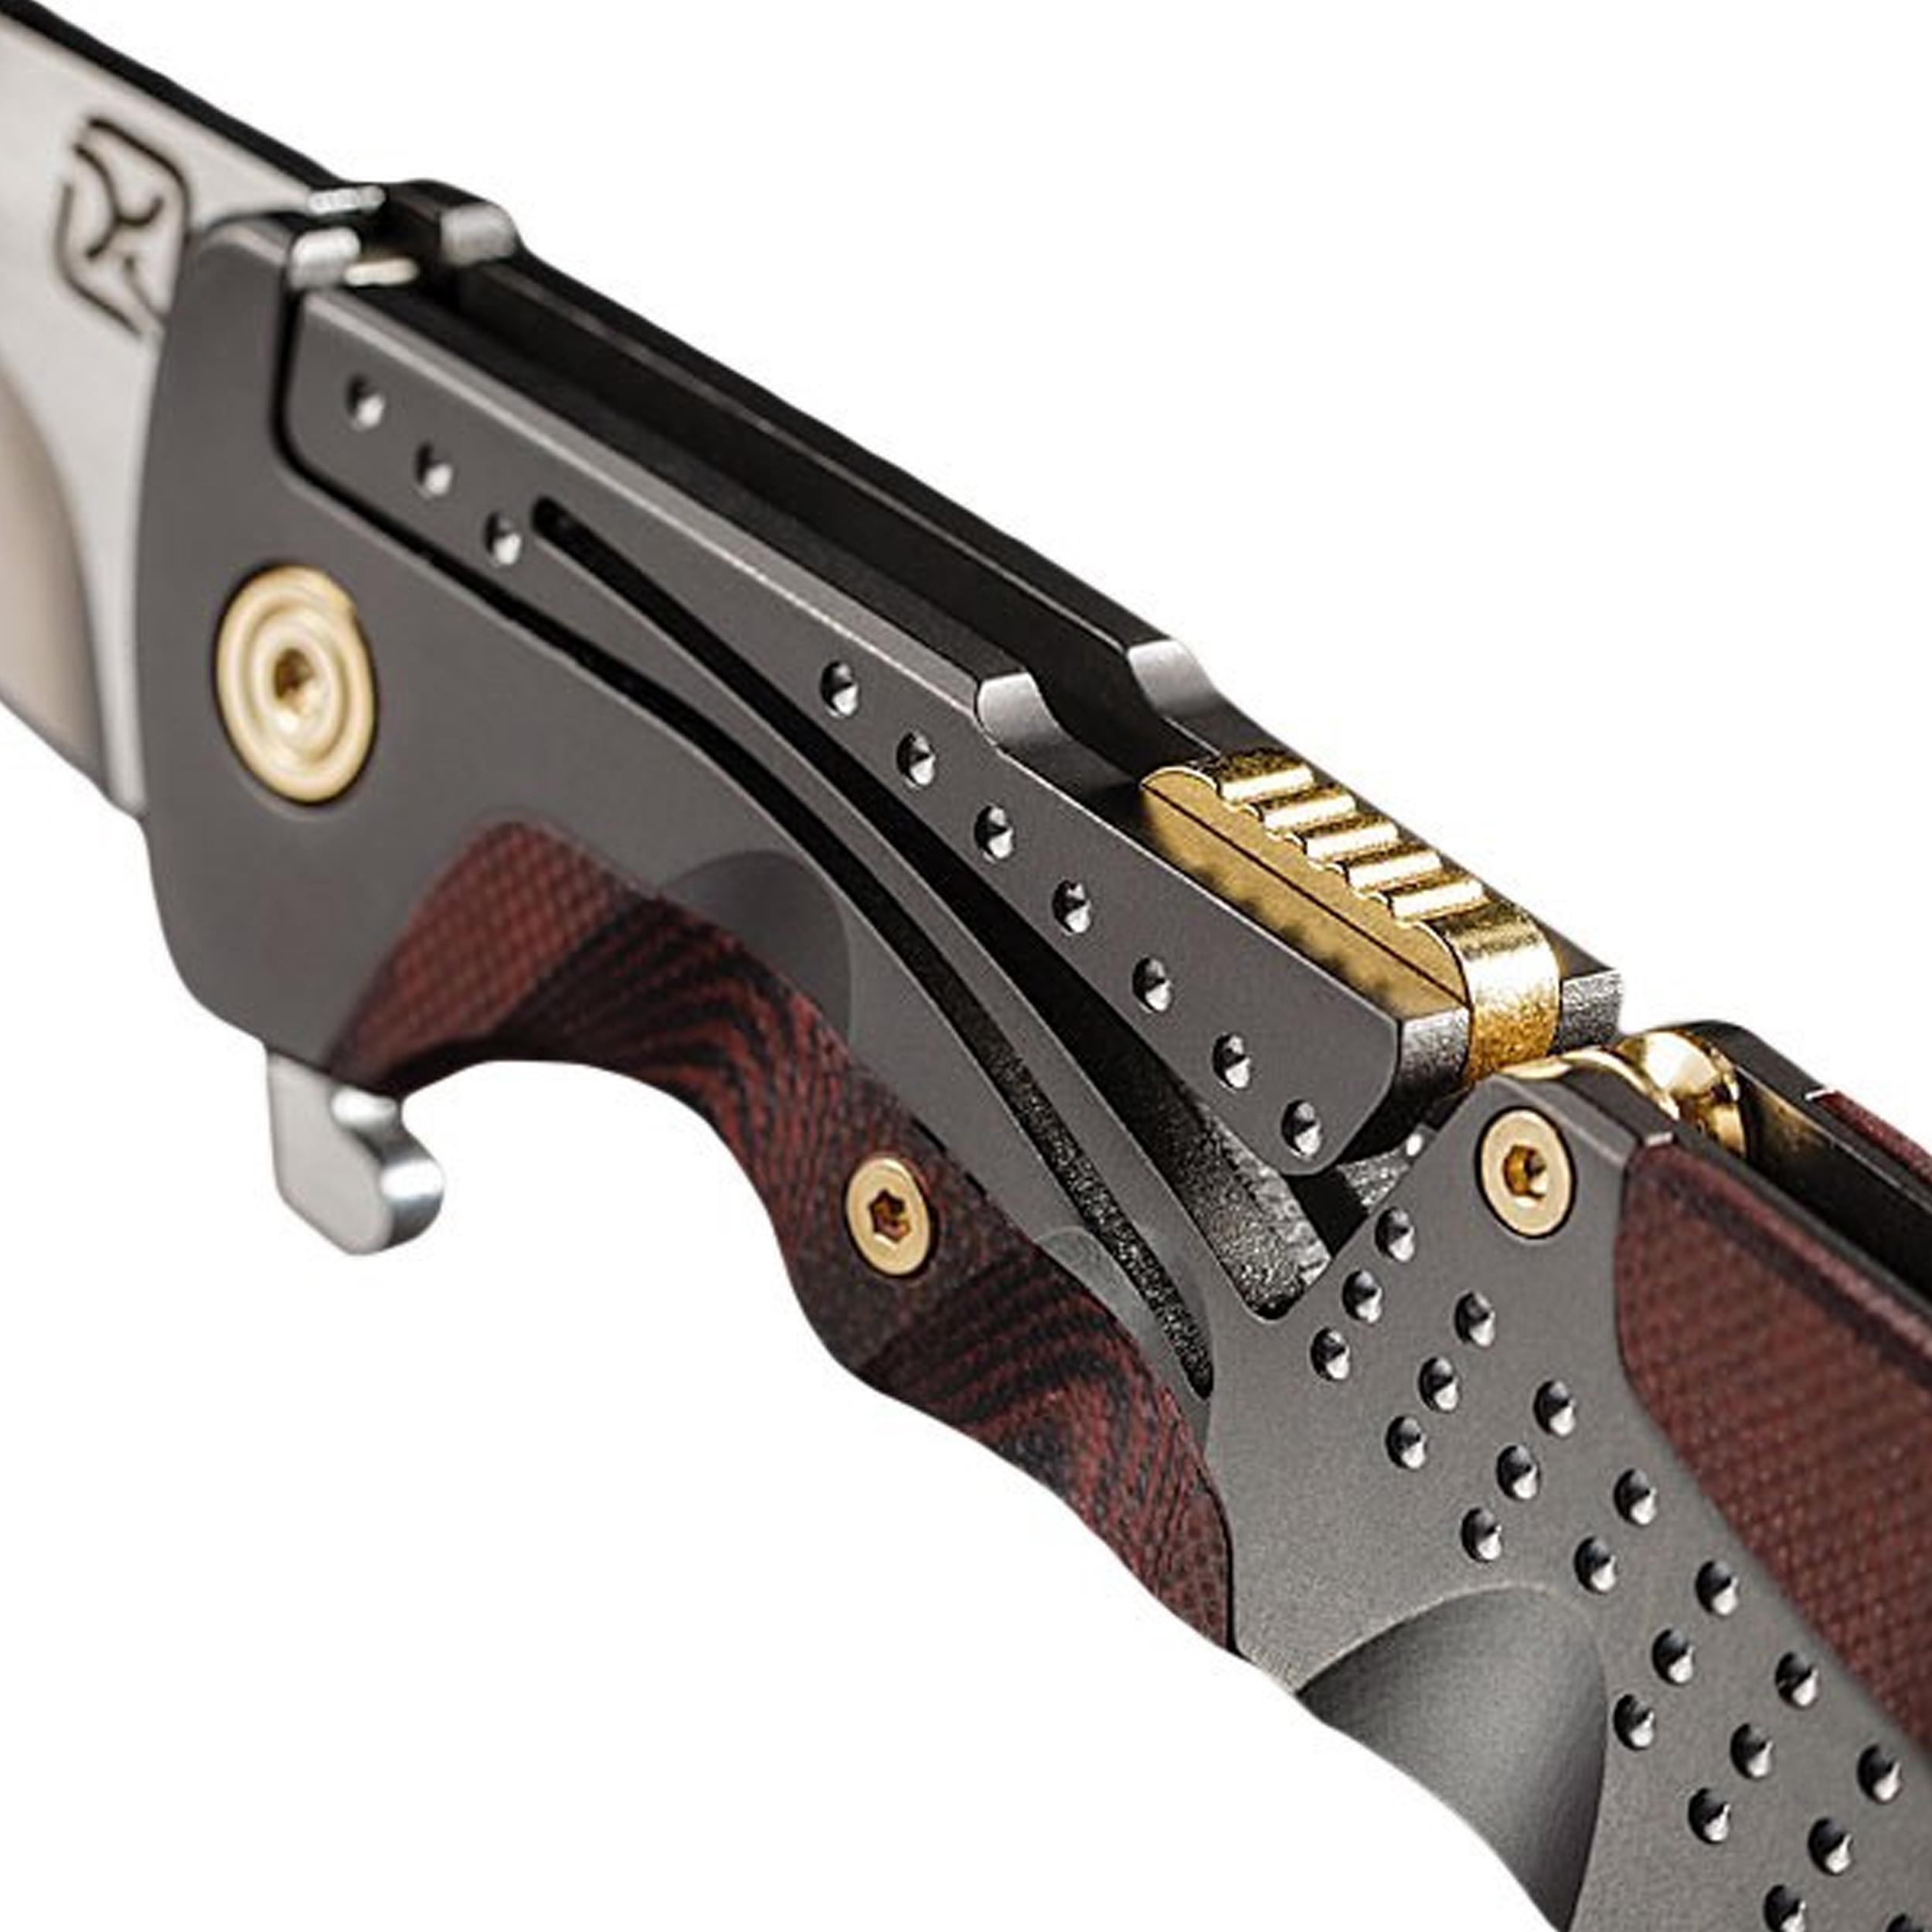 Klecker-Knives-Cordovan-Lite-Folding-Knife-2-88-034-Blade-Stainless-Steel thumbnail 4